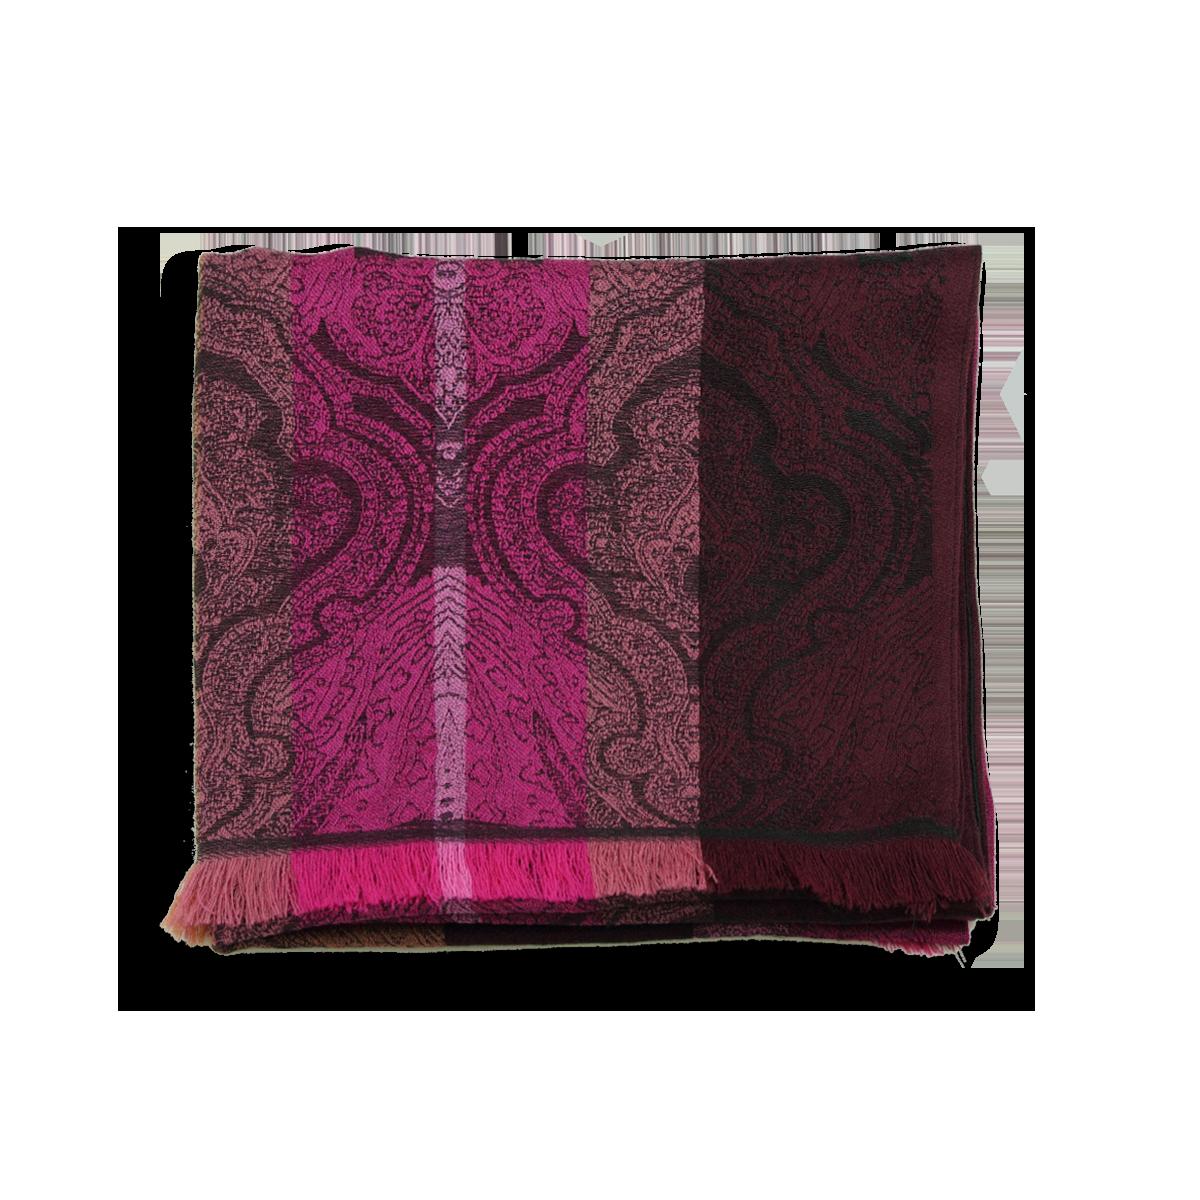 ddf8898b118 Echarpe Femme Rose en laine et soie - Très chic et élégante